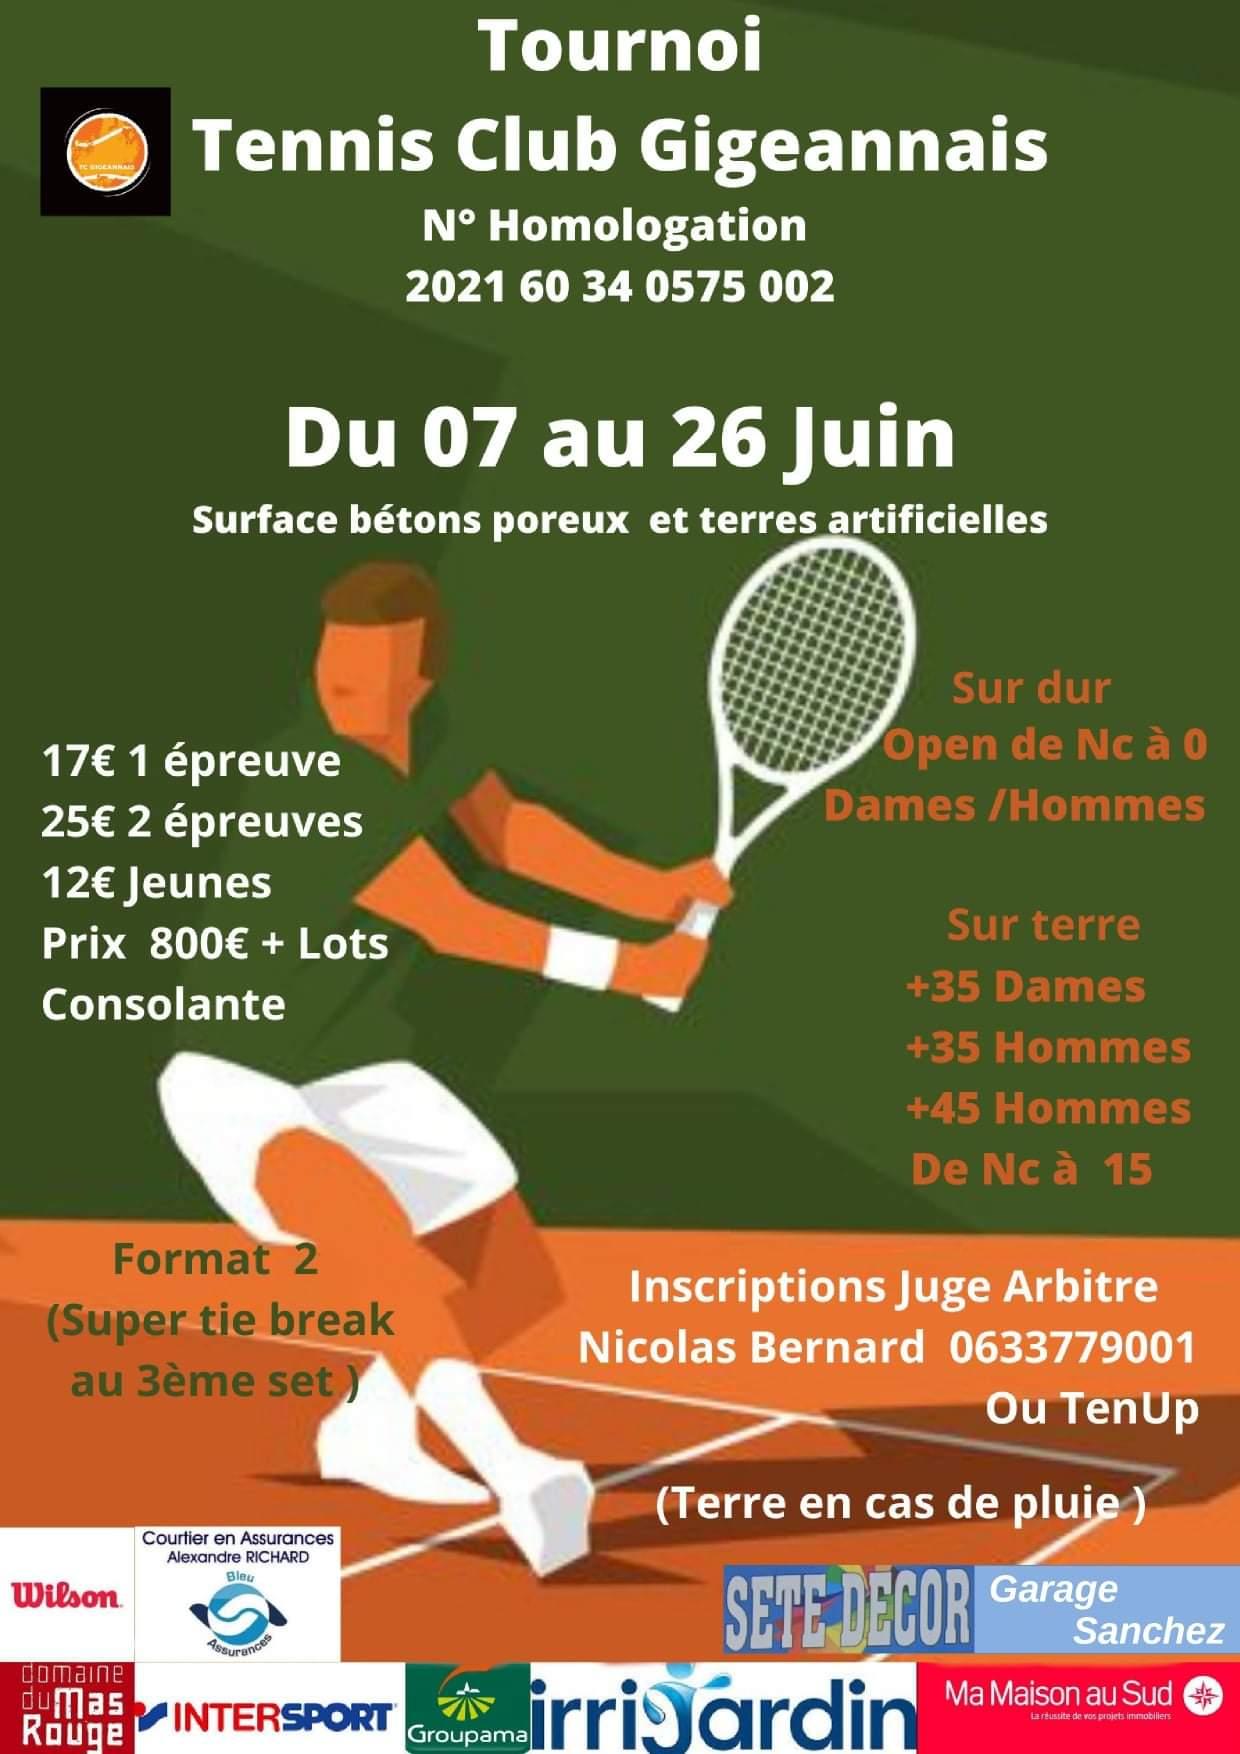 tournois_tennis_club_gigeannais_2021.jpg